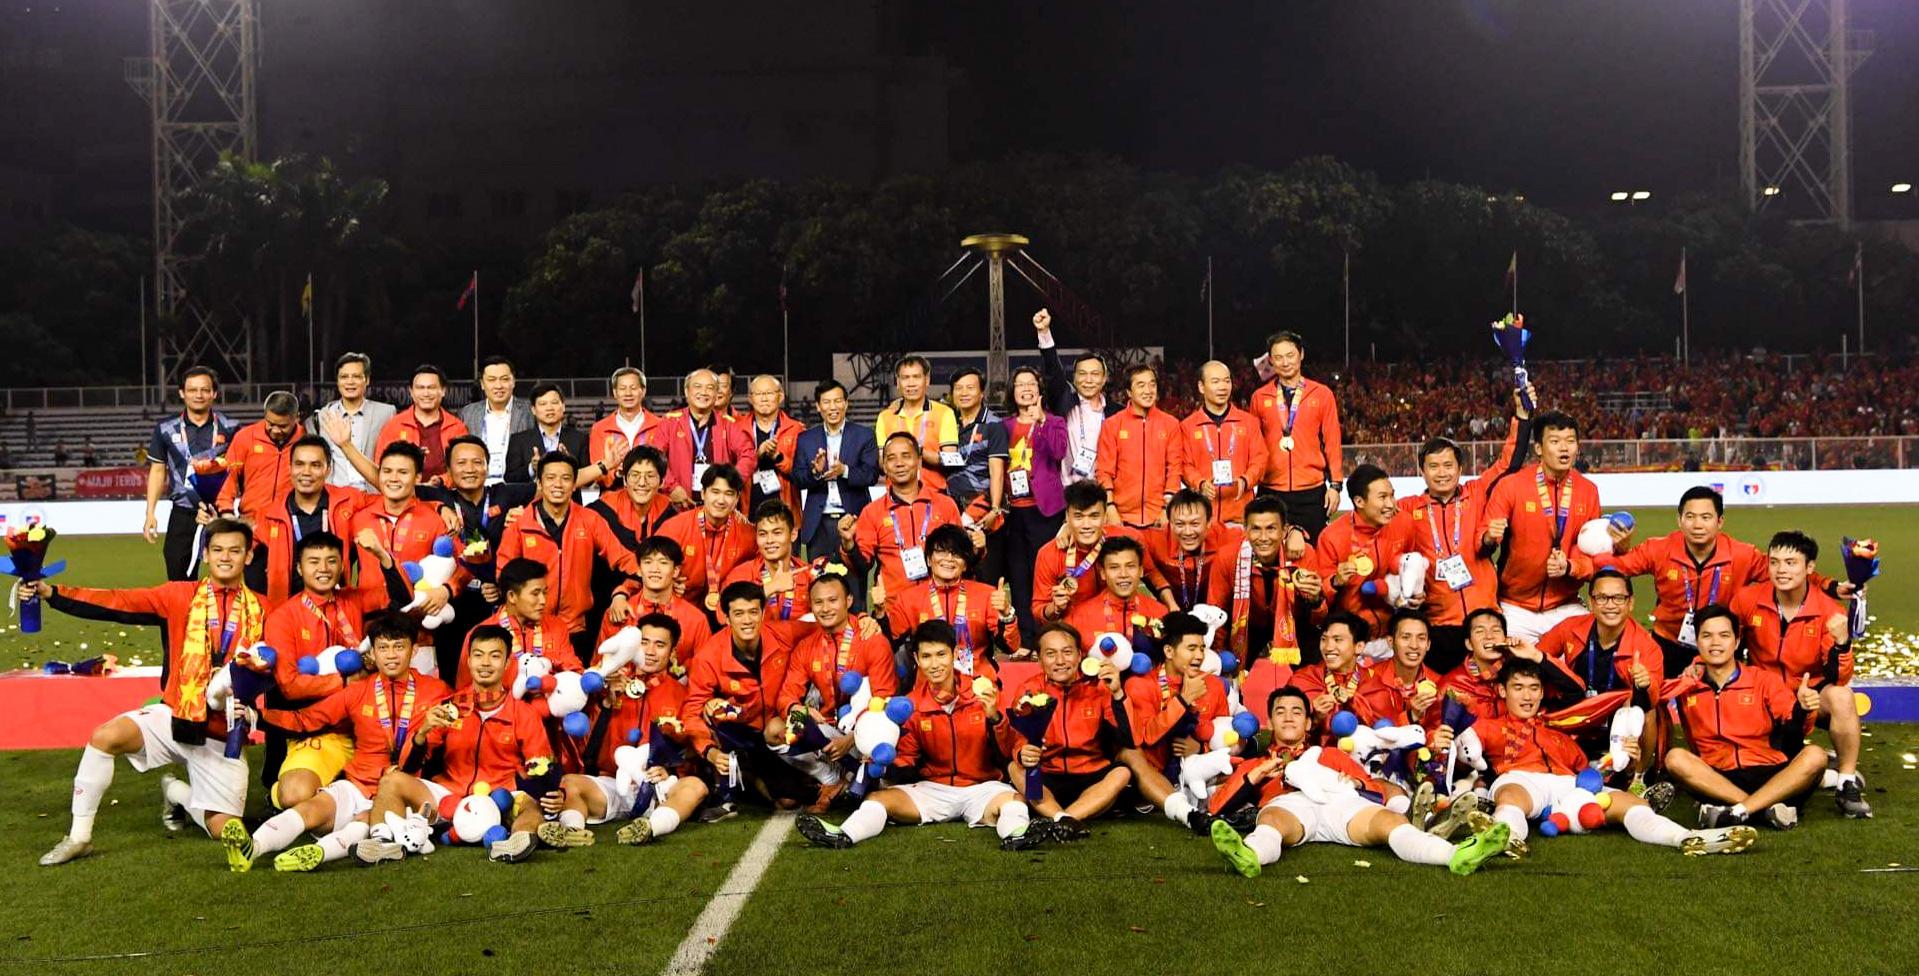 Thứ trưởng Bộ VHTTDL, Chủ tịch Liên đoàn Bóng đá Việt Nam Lê Khánh Hải: Các cầu thủ đã thể hiện được khát vọng, ý chí, tinh thần Việt Nam - Ảnh 3.